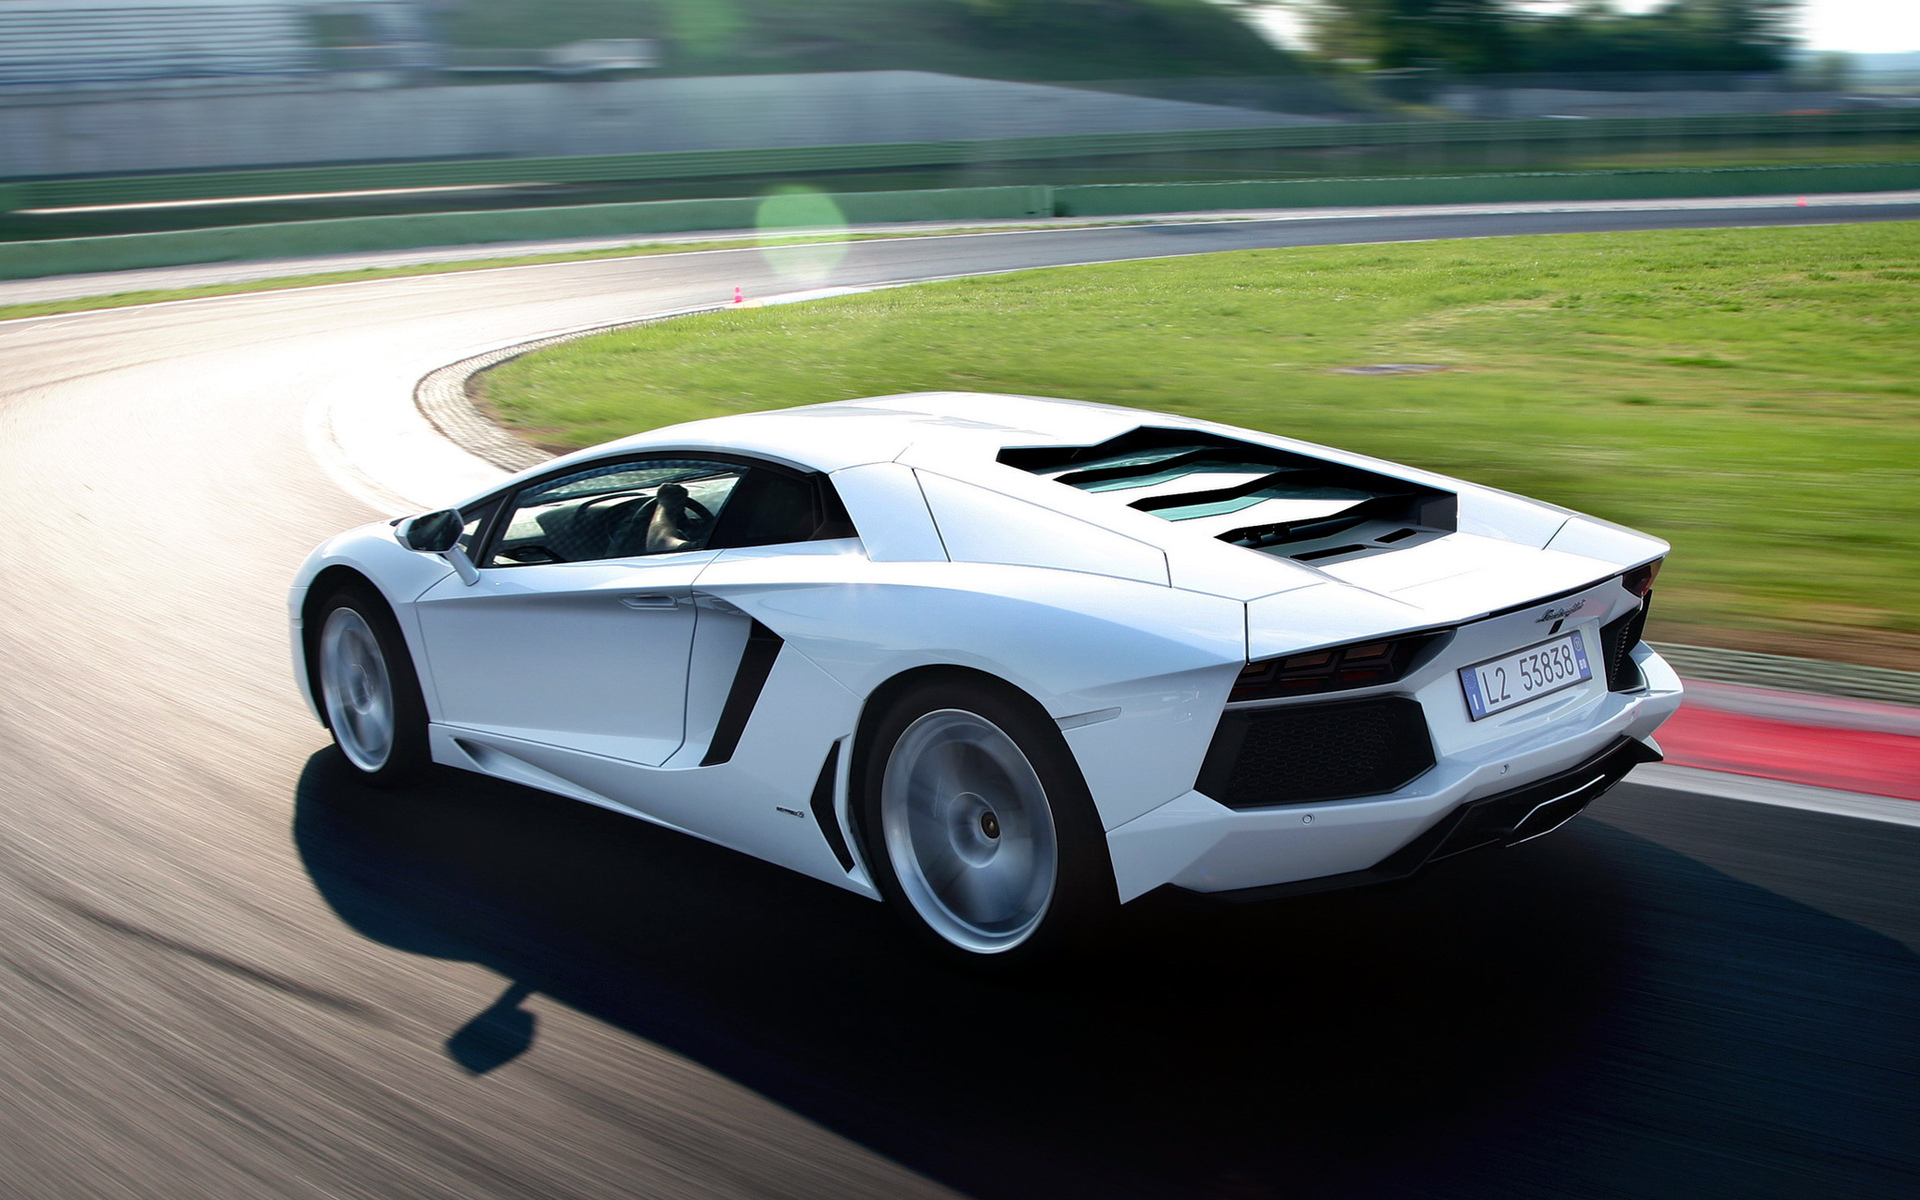 lamborghini aventador lp700 4 lamborghini aventador white supercarjpg 1920x1200